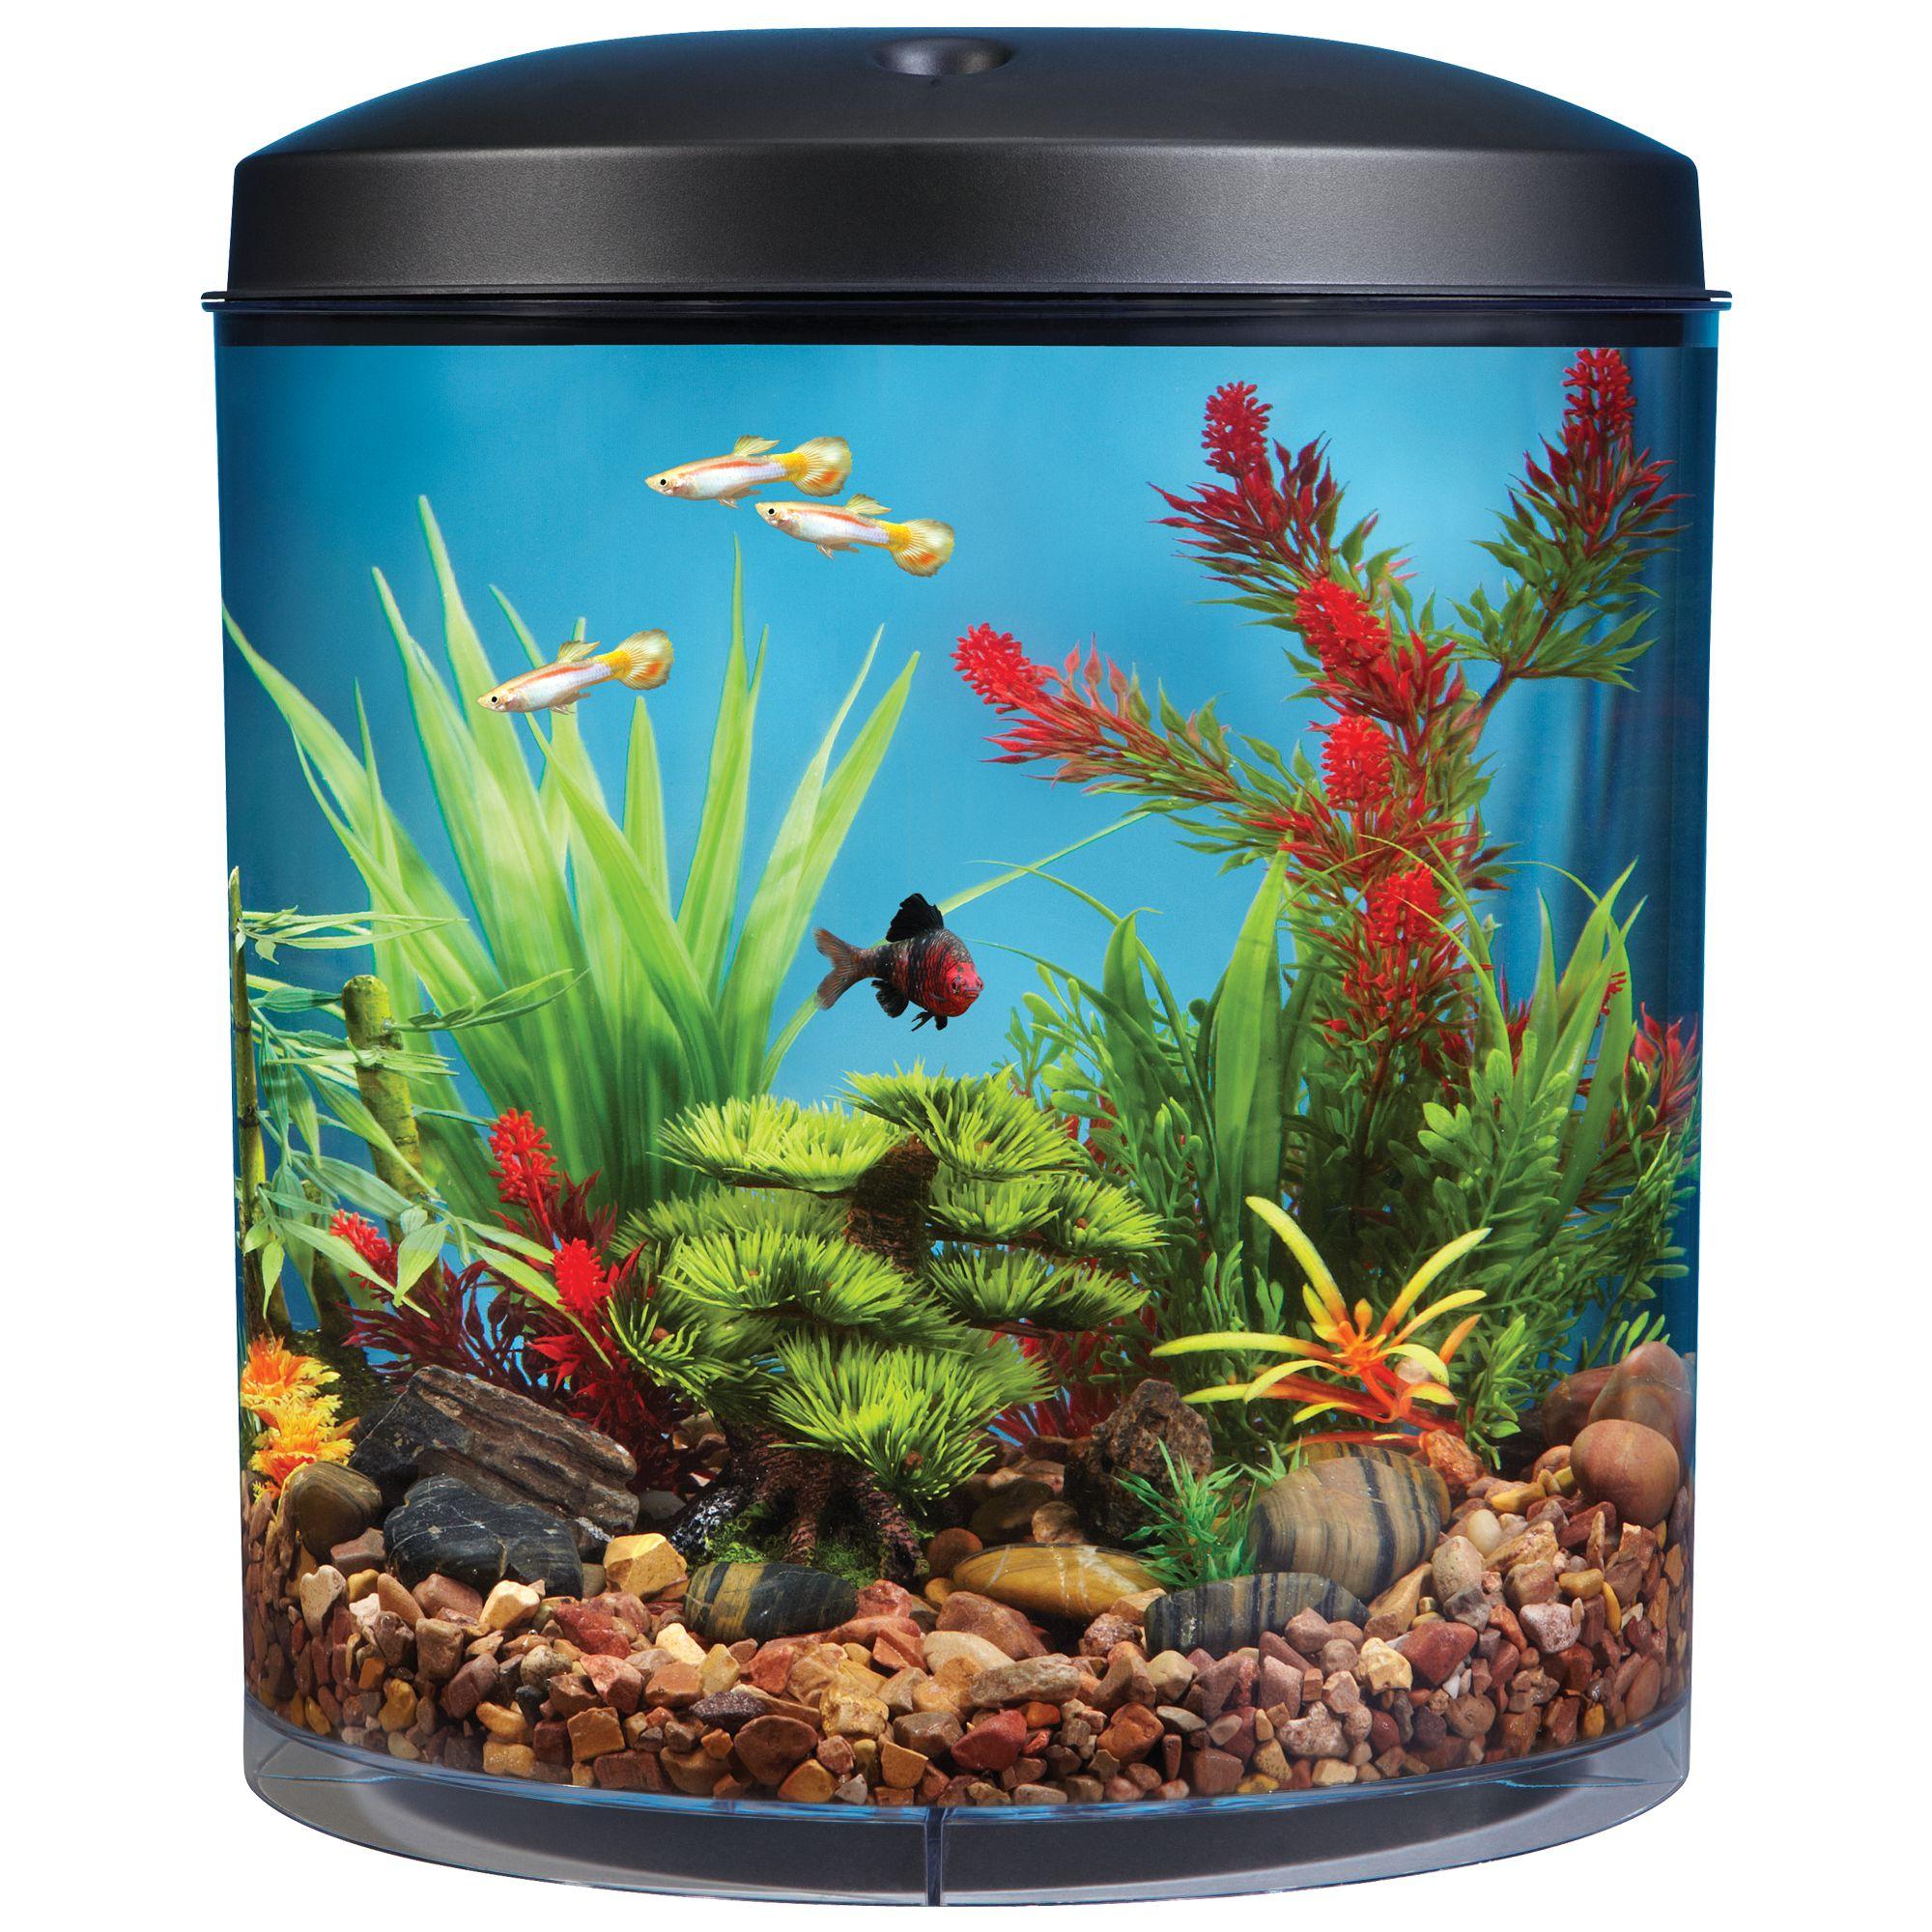 Top Fin® Aquascene 180 3.5 Gallon Aquarium, Black 5162489